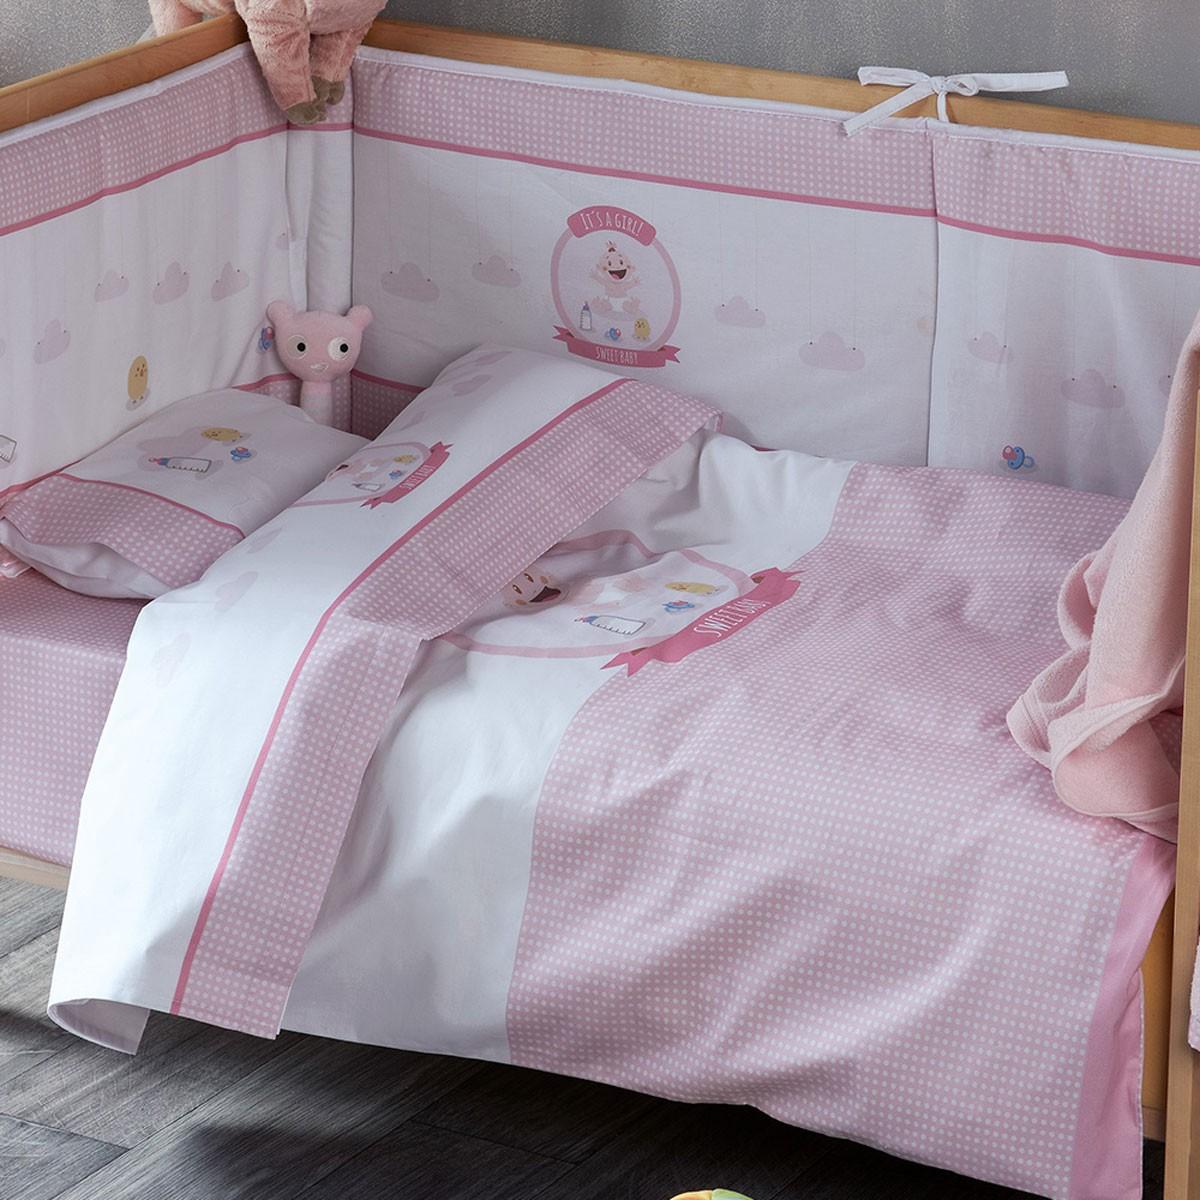 Παπλωματοθήκη Κούνιας (Σετ) Kentia Baby Sweet Baby 14